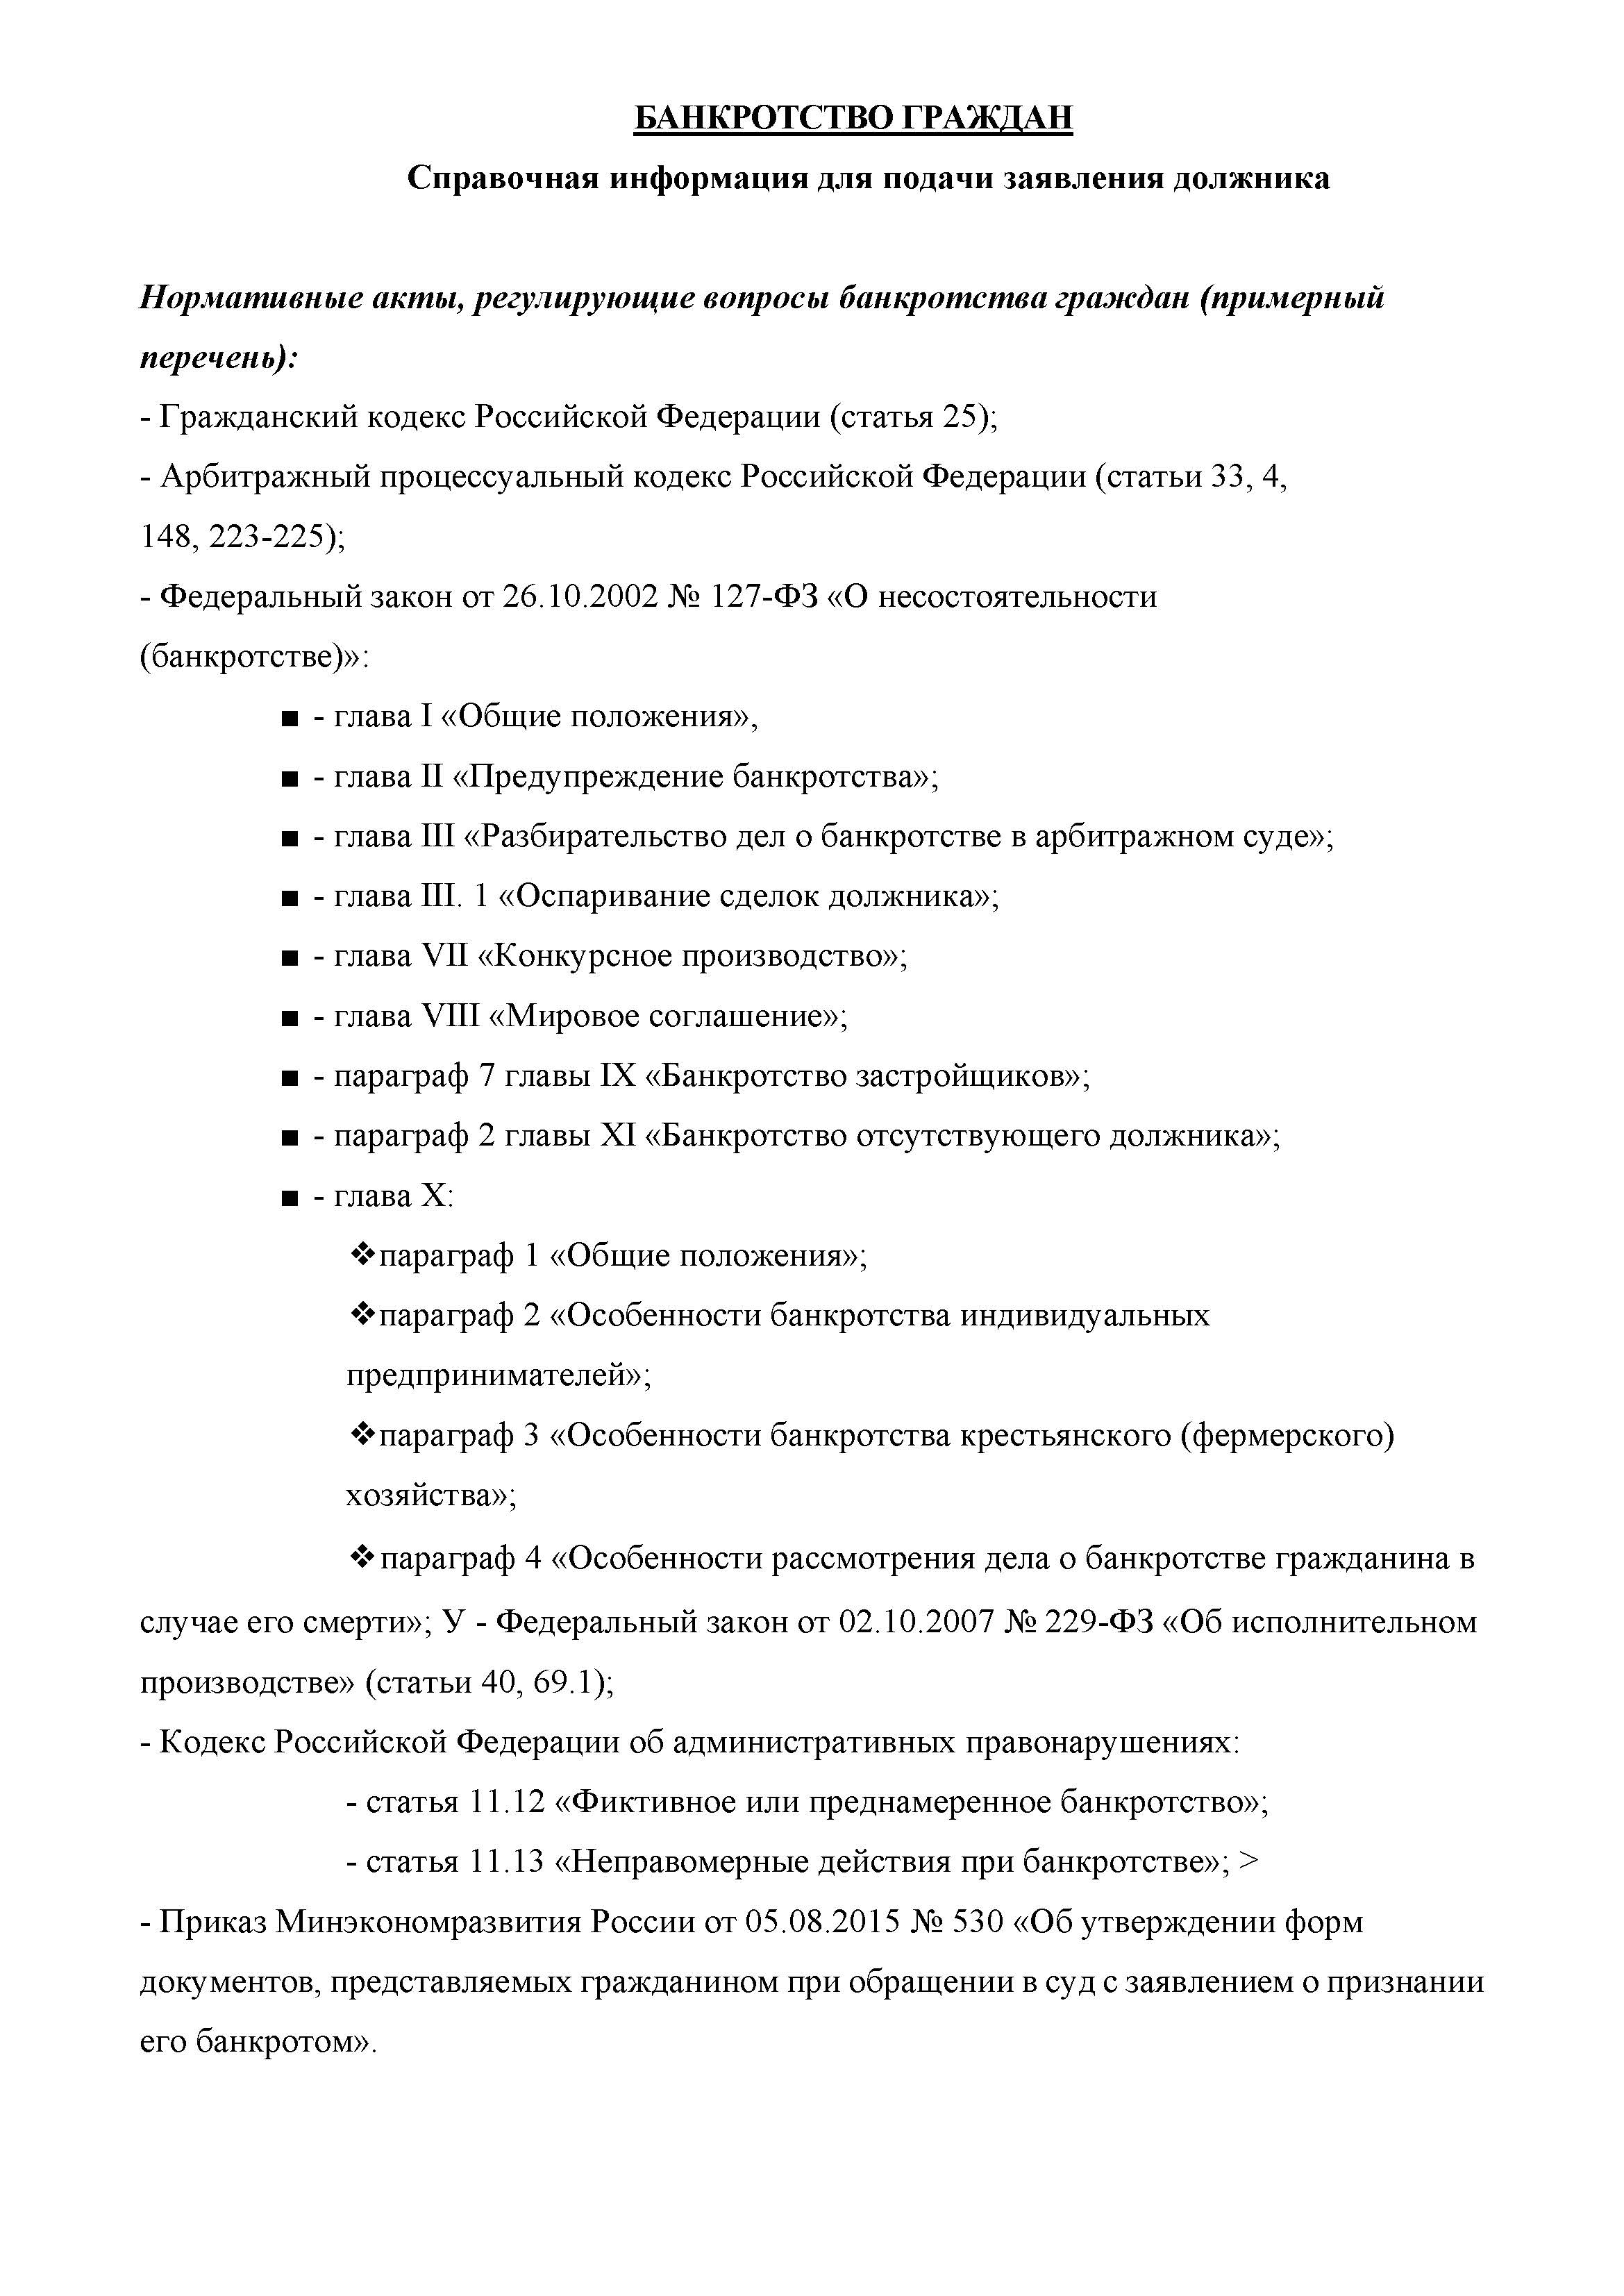 процедура банкротства физических лиц стоимость москва